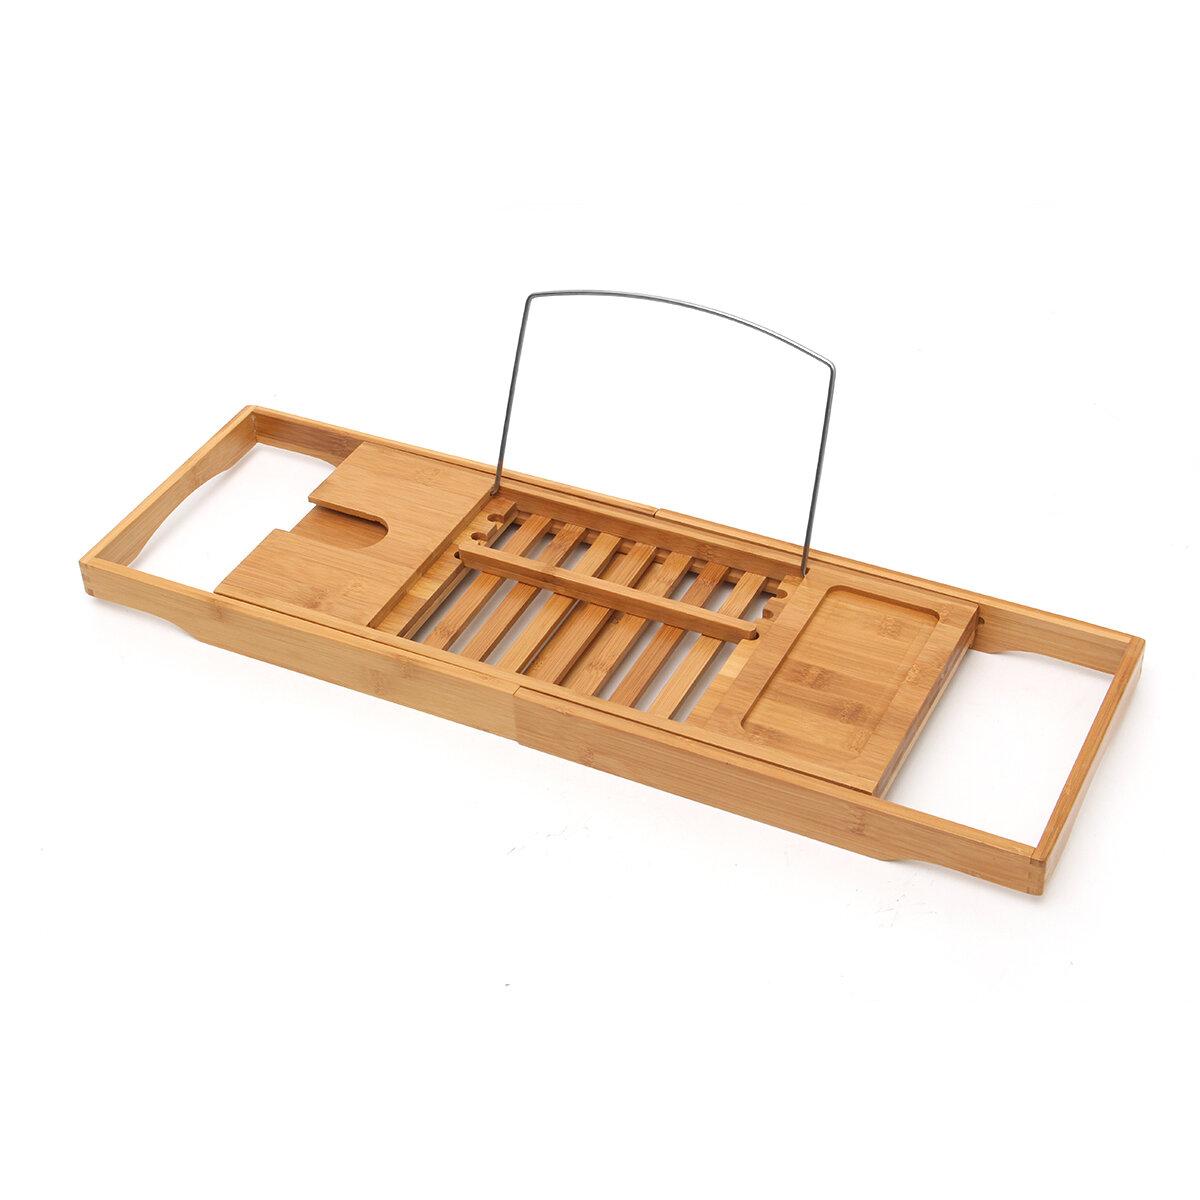 Wooden Bathtub Tray